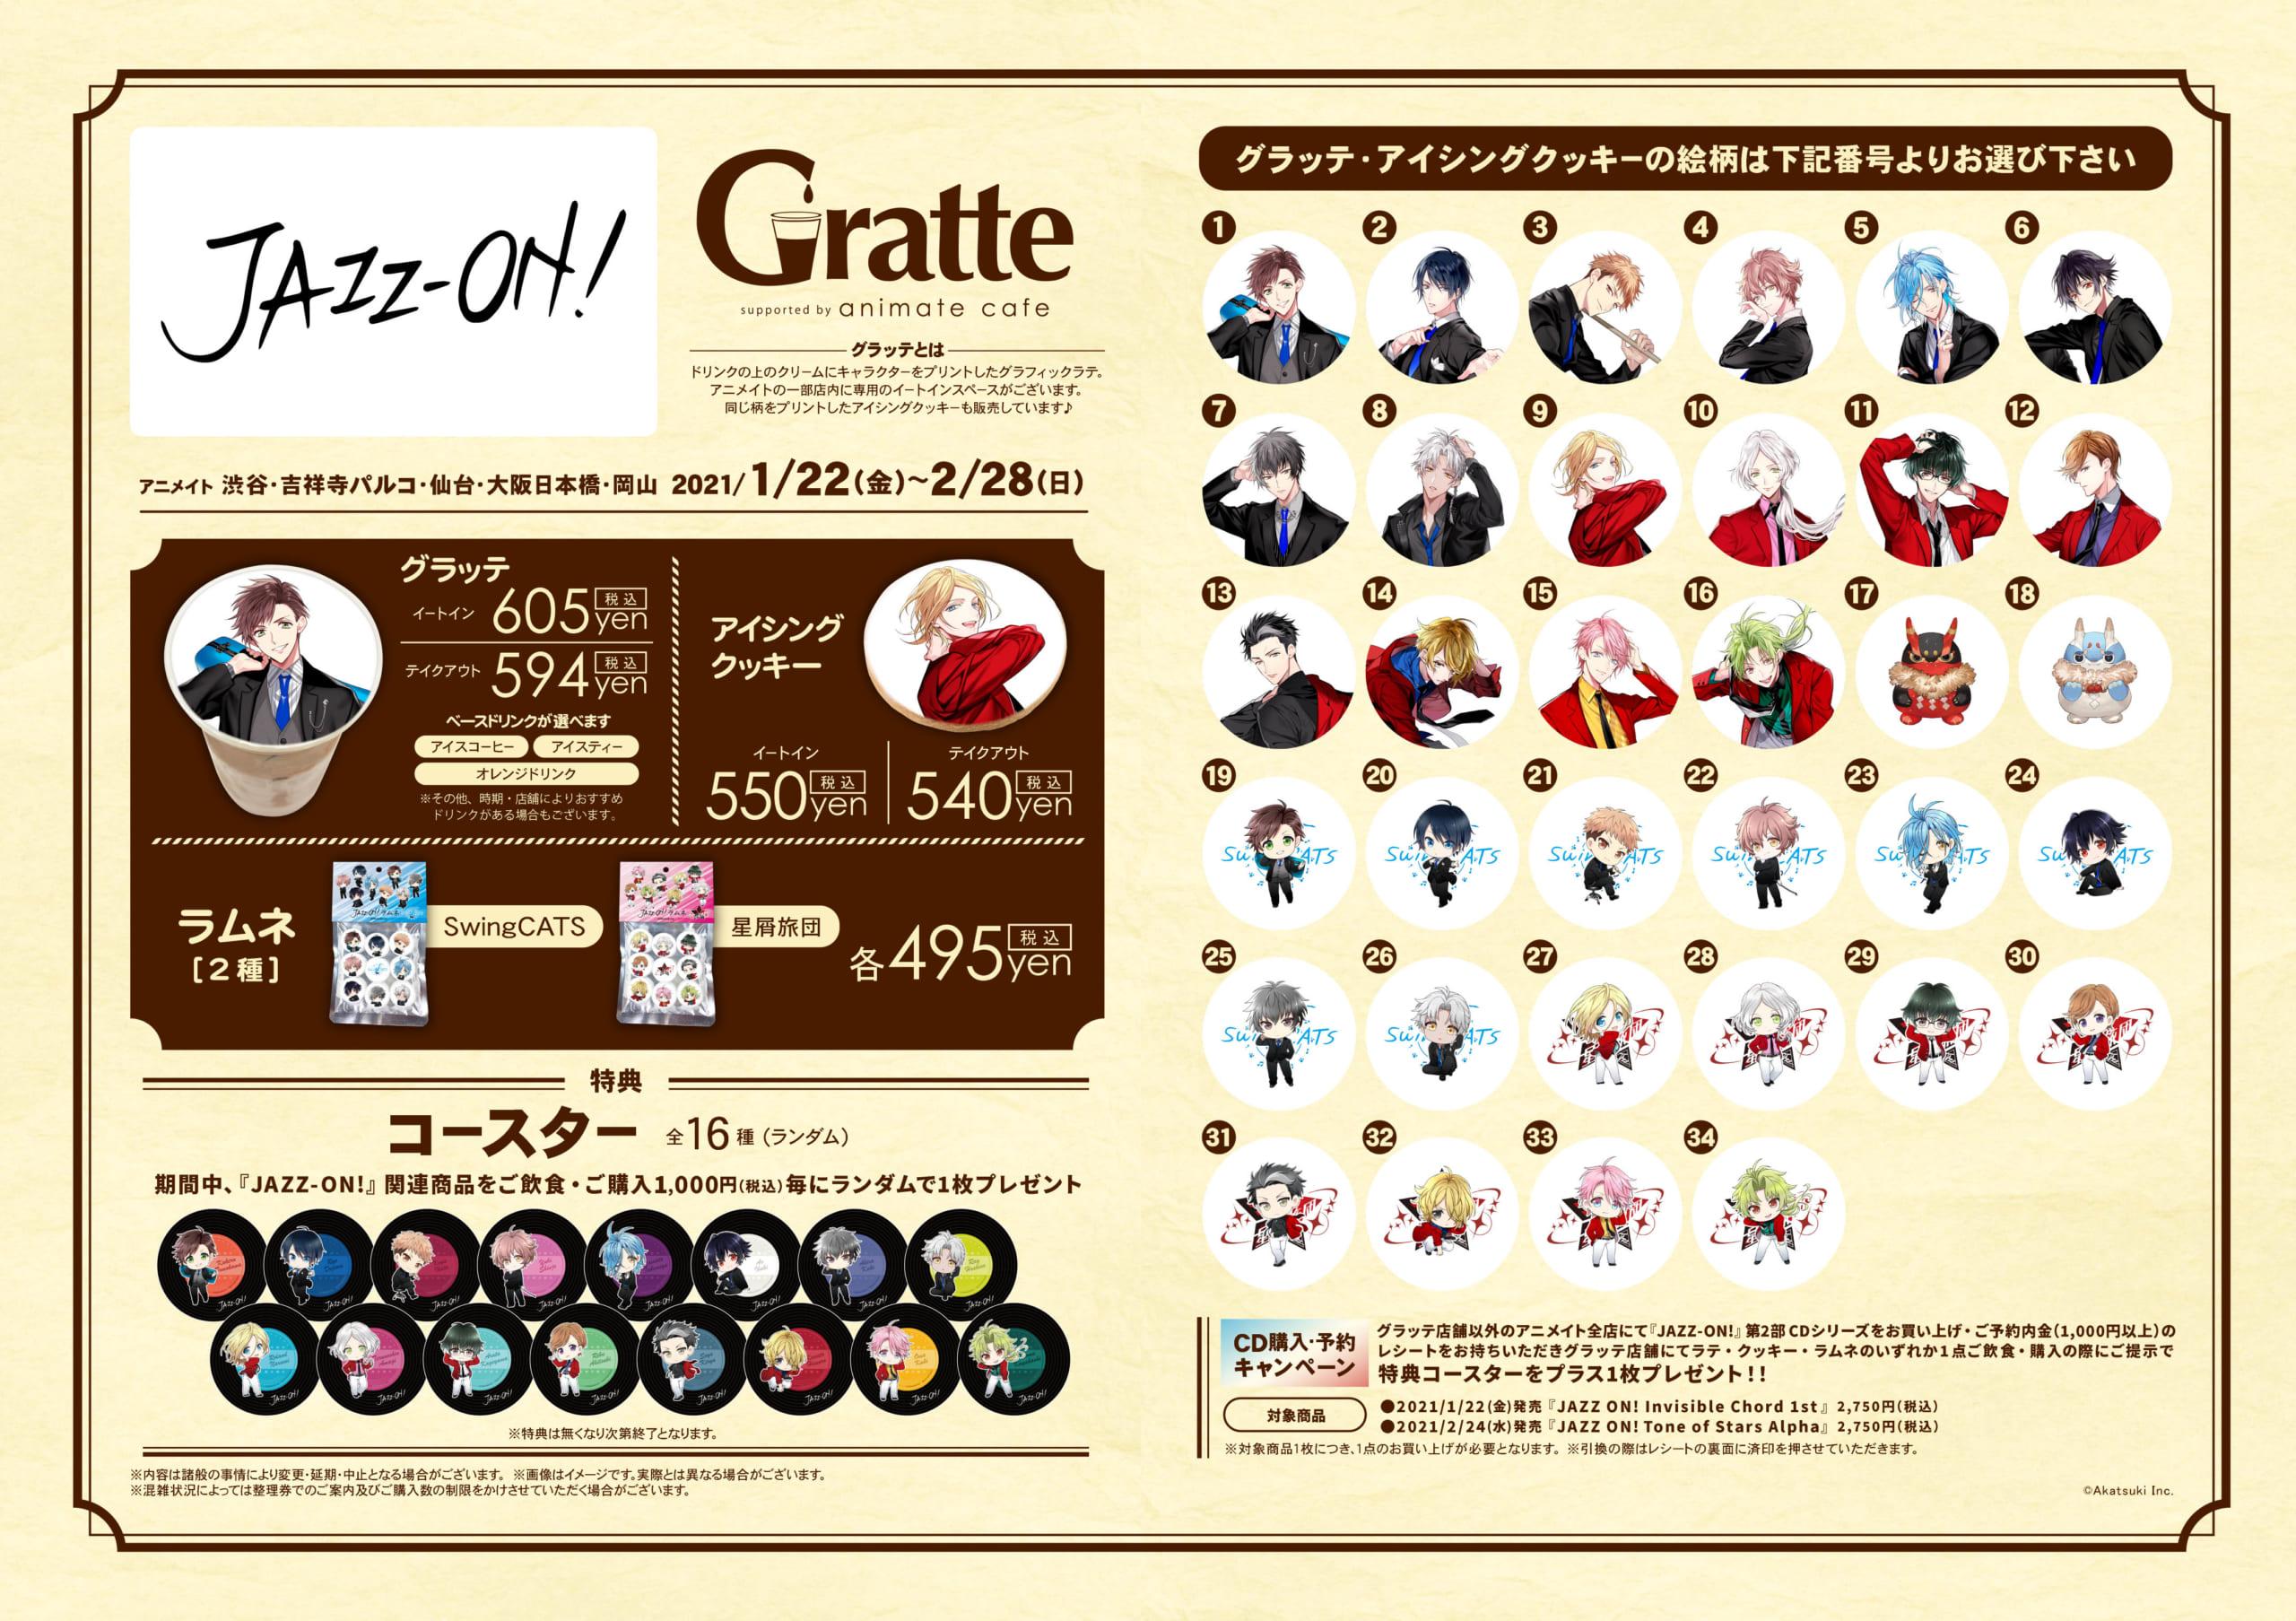 「JAZZ-ON!」×「Gratt」メニュー